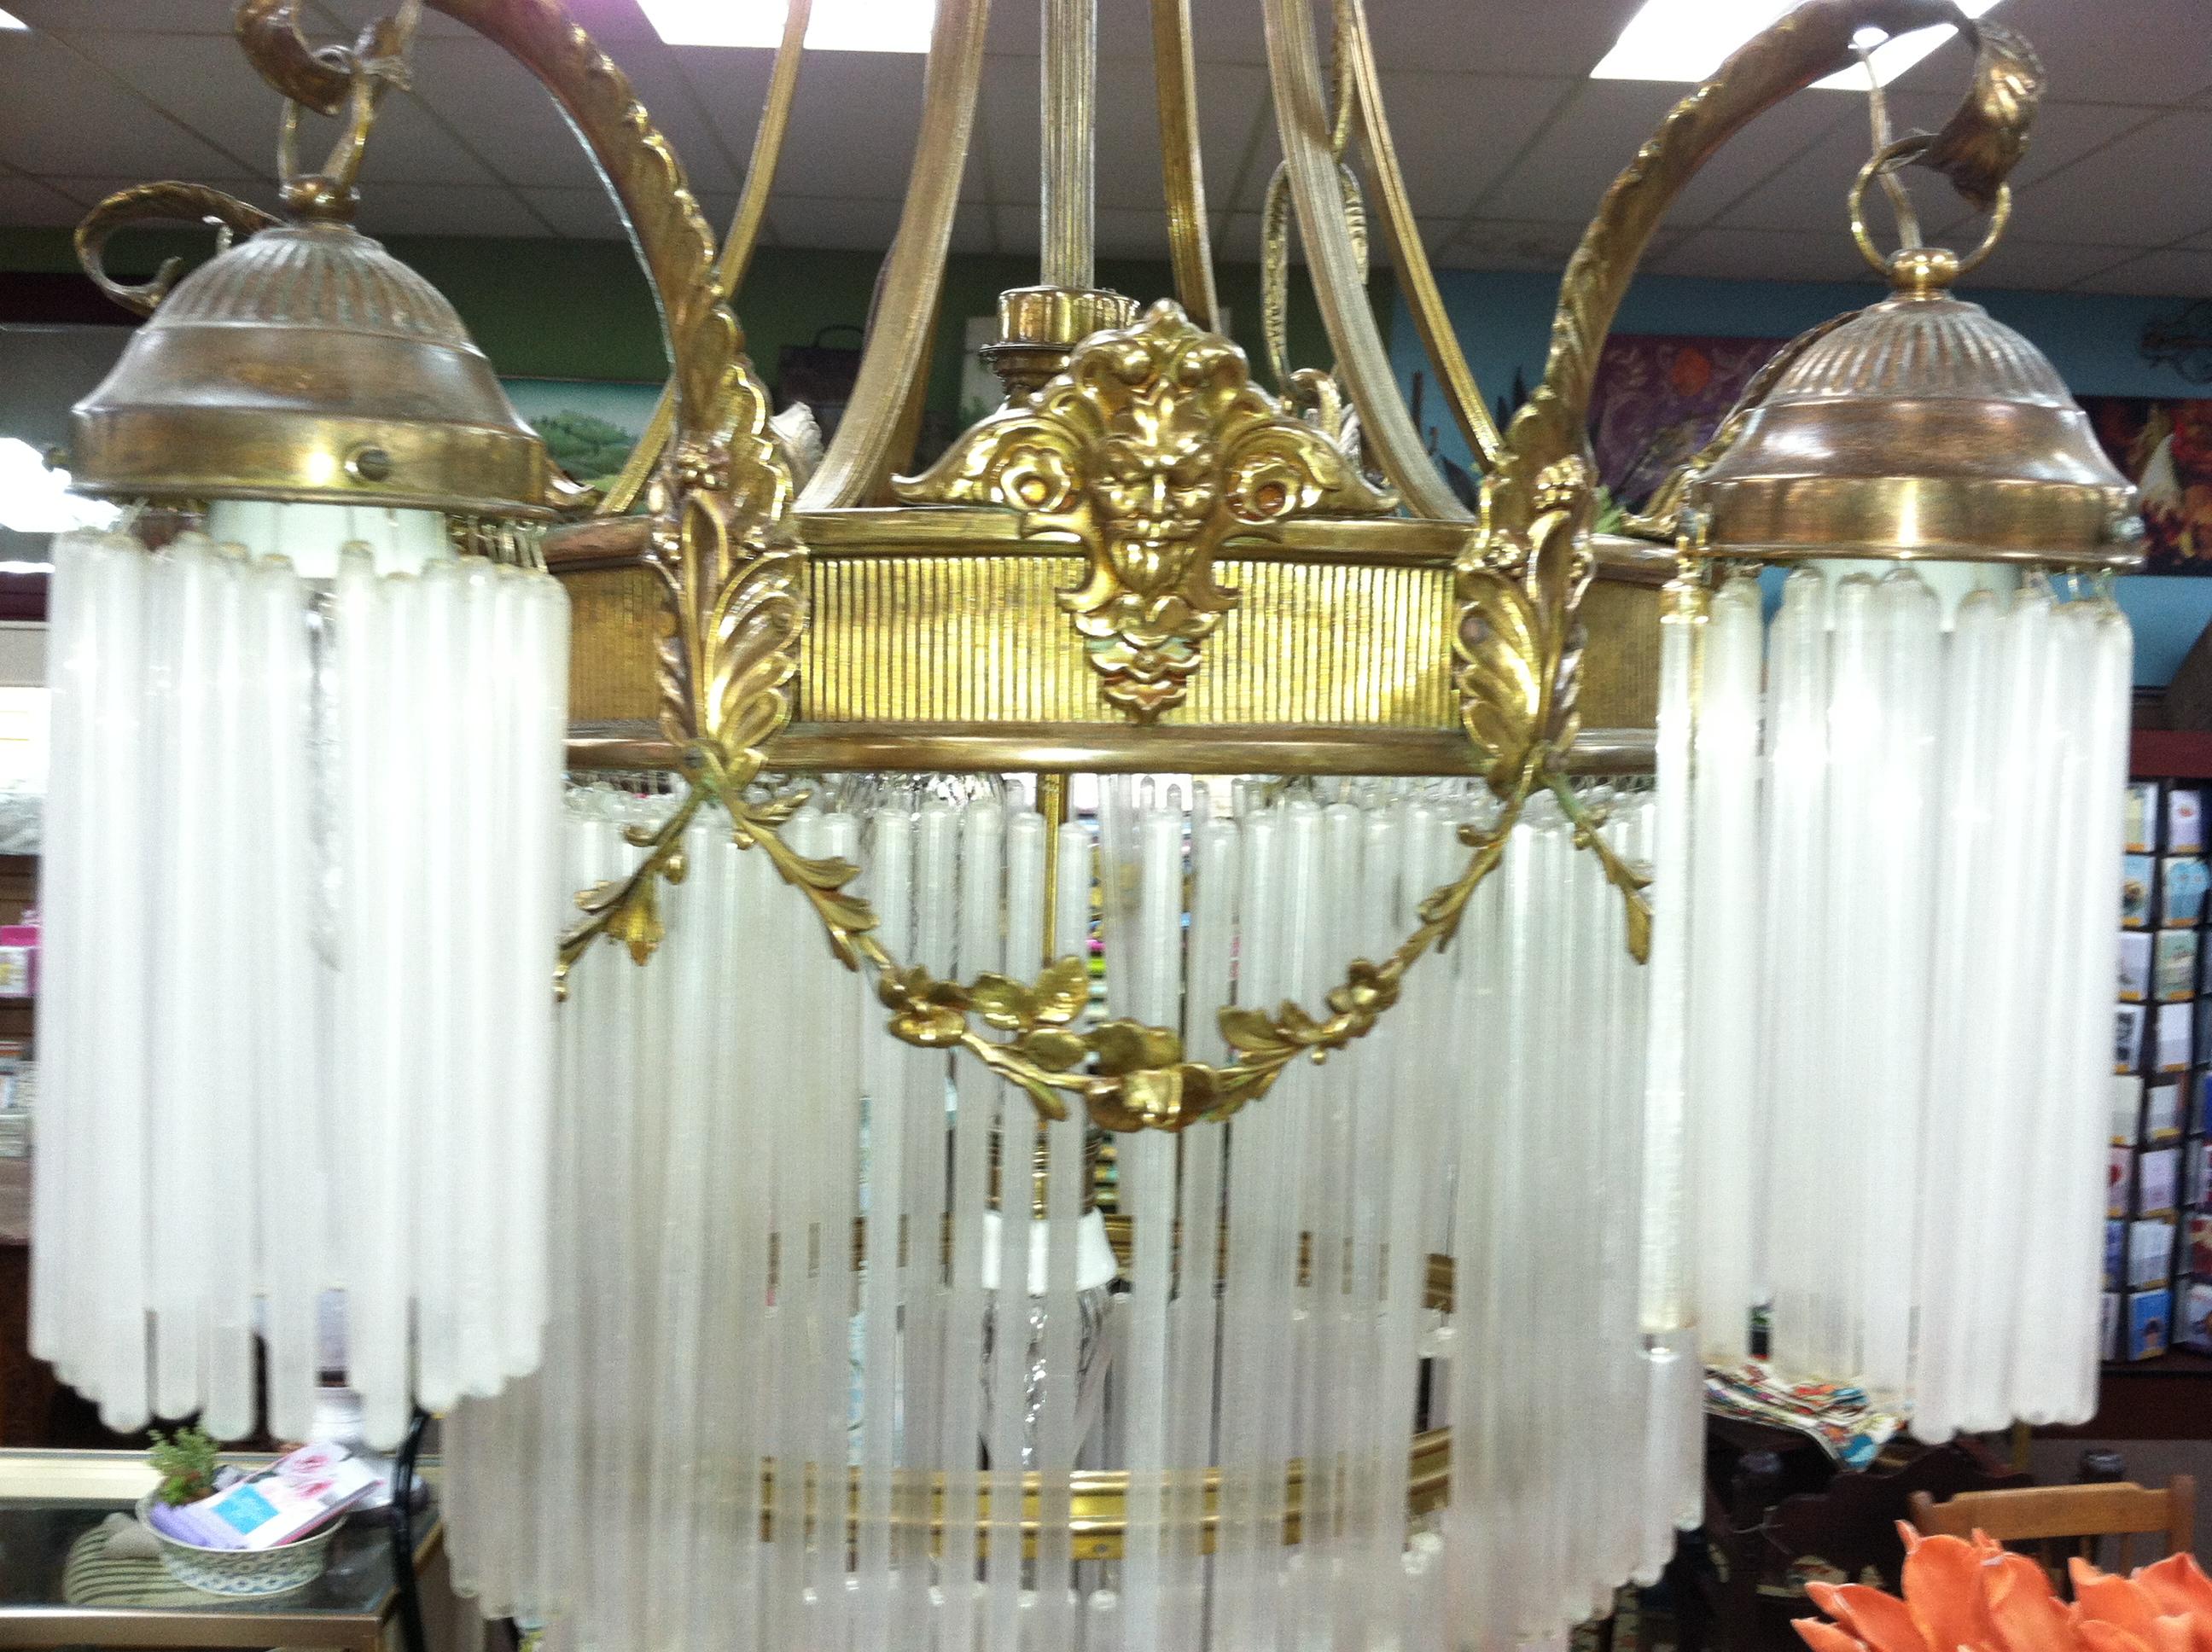 Gorgeous antique art nouveau 9 light bronze chandelier with glass gorgeous antique art nouveau 9 light bronze chandelier with glass tubes circa 19th century for sale arubaitofo Image collections